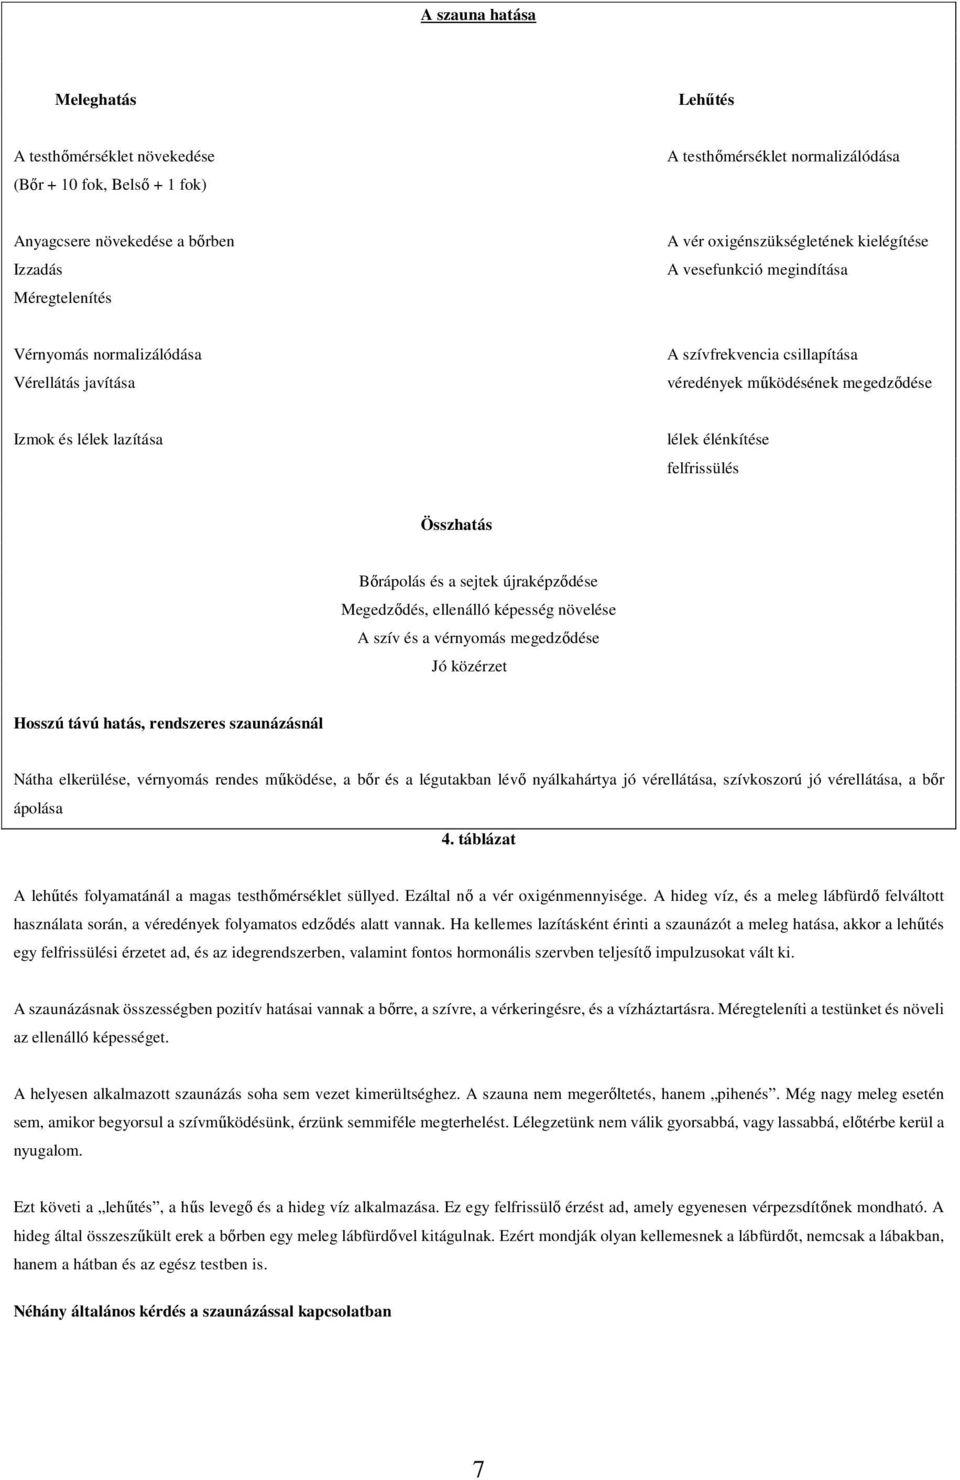 Hipertónia 1 fok: kezelés és megelőzés